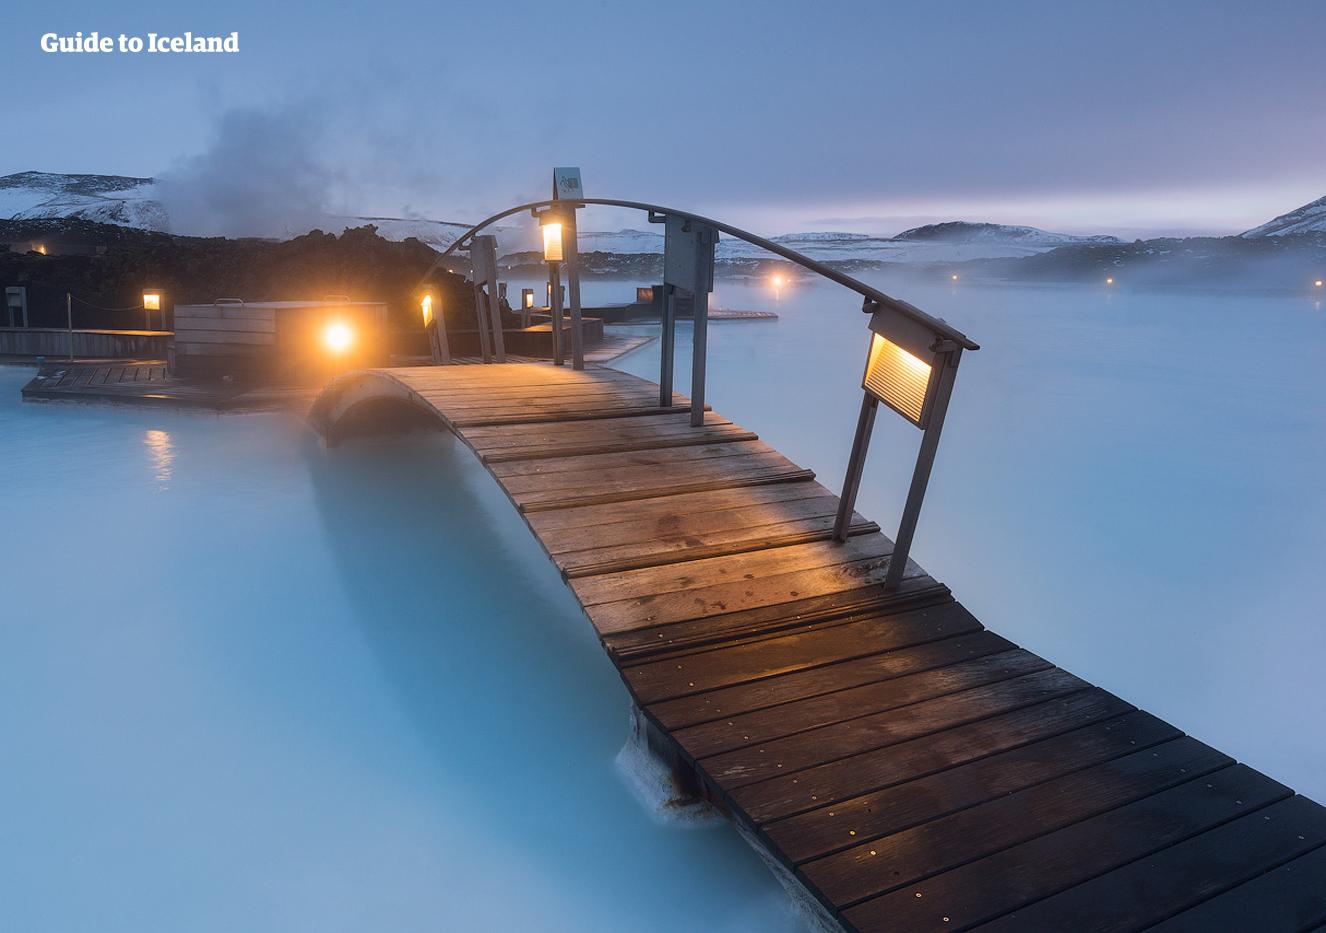 举世闻名的冰岛蓝湖温泉创立于1992年。